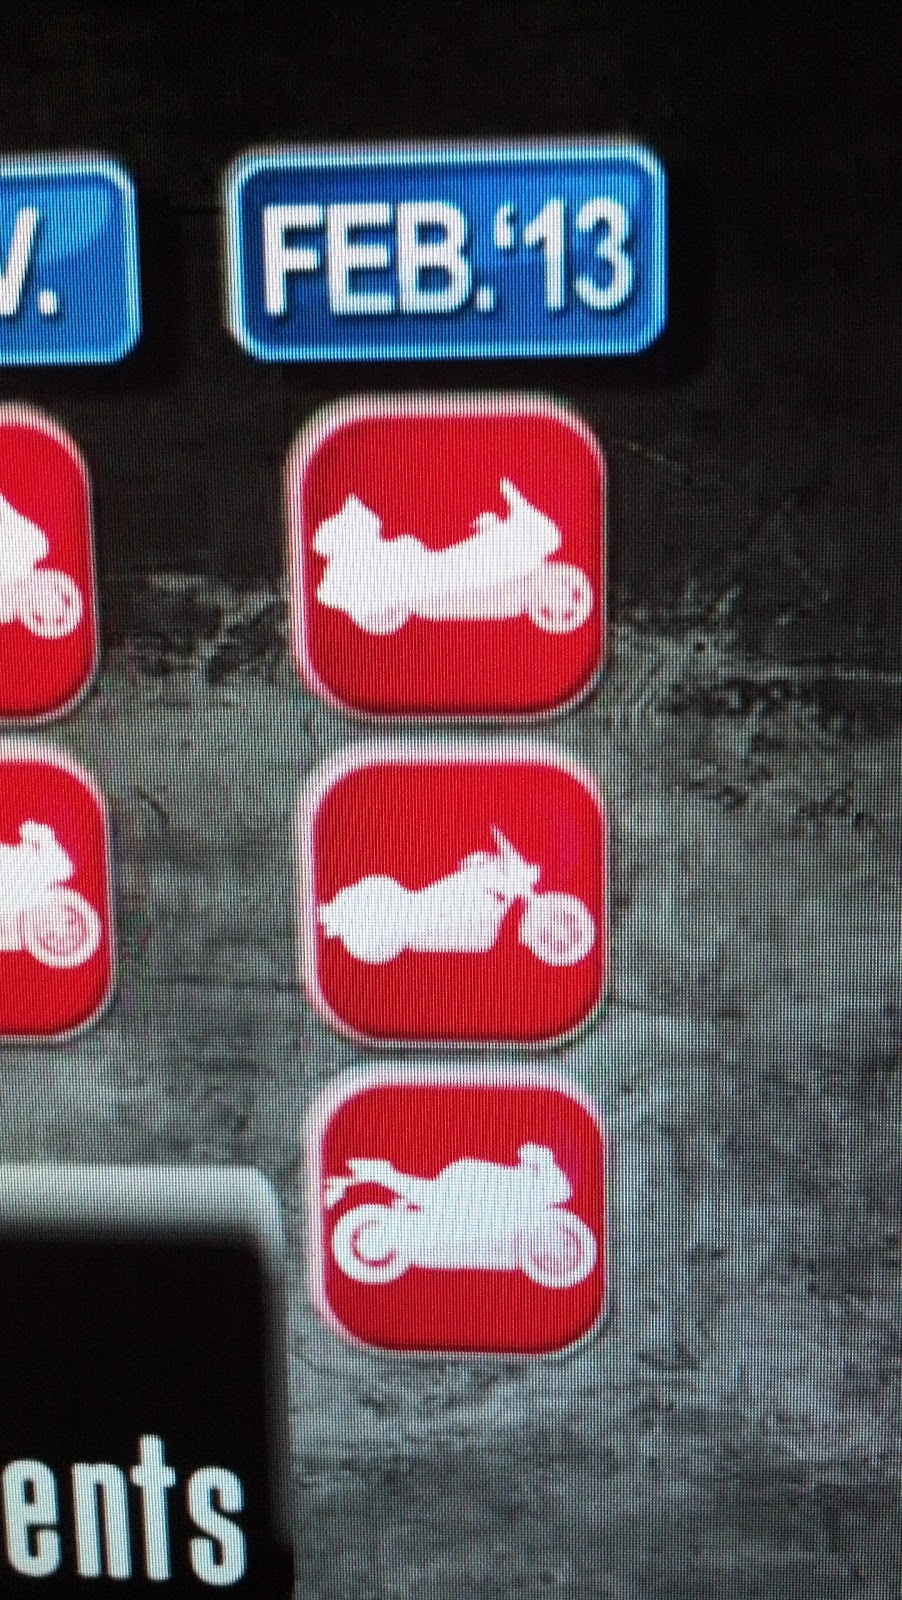 On September 21, 2012 Honda CEO confirms Honda V4 Sportbike Project